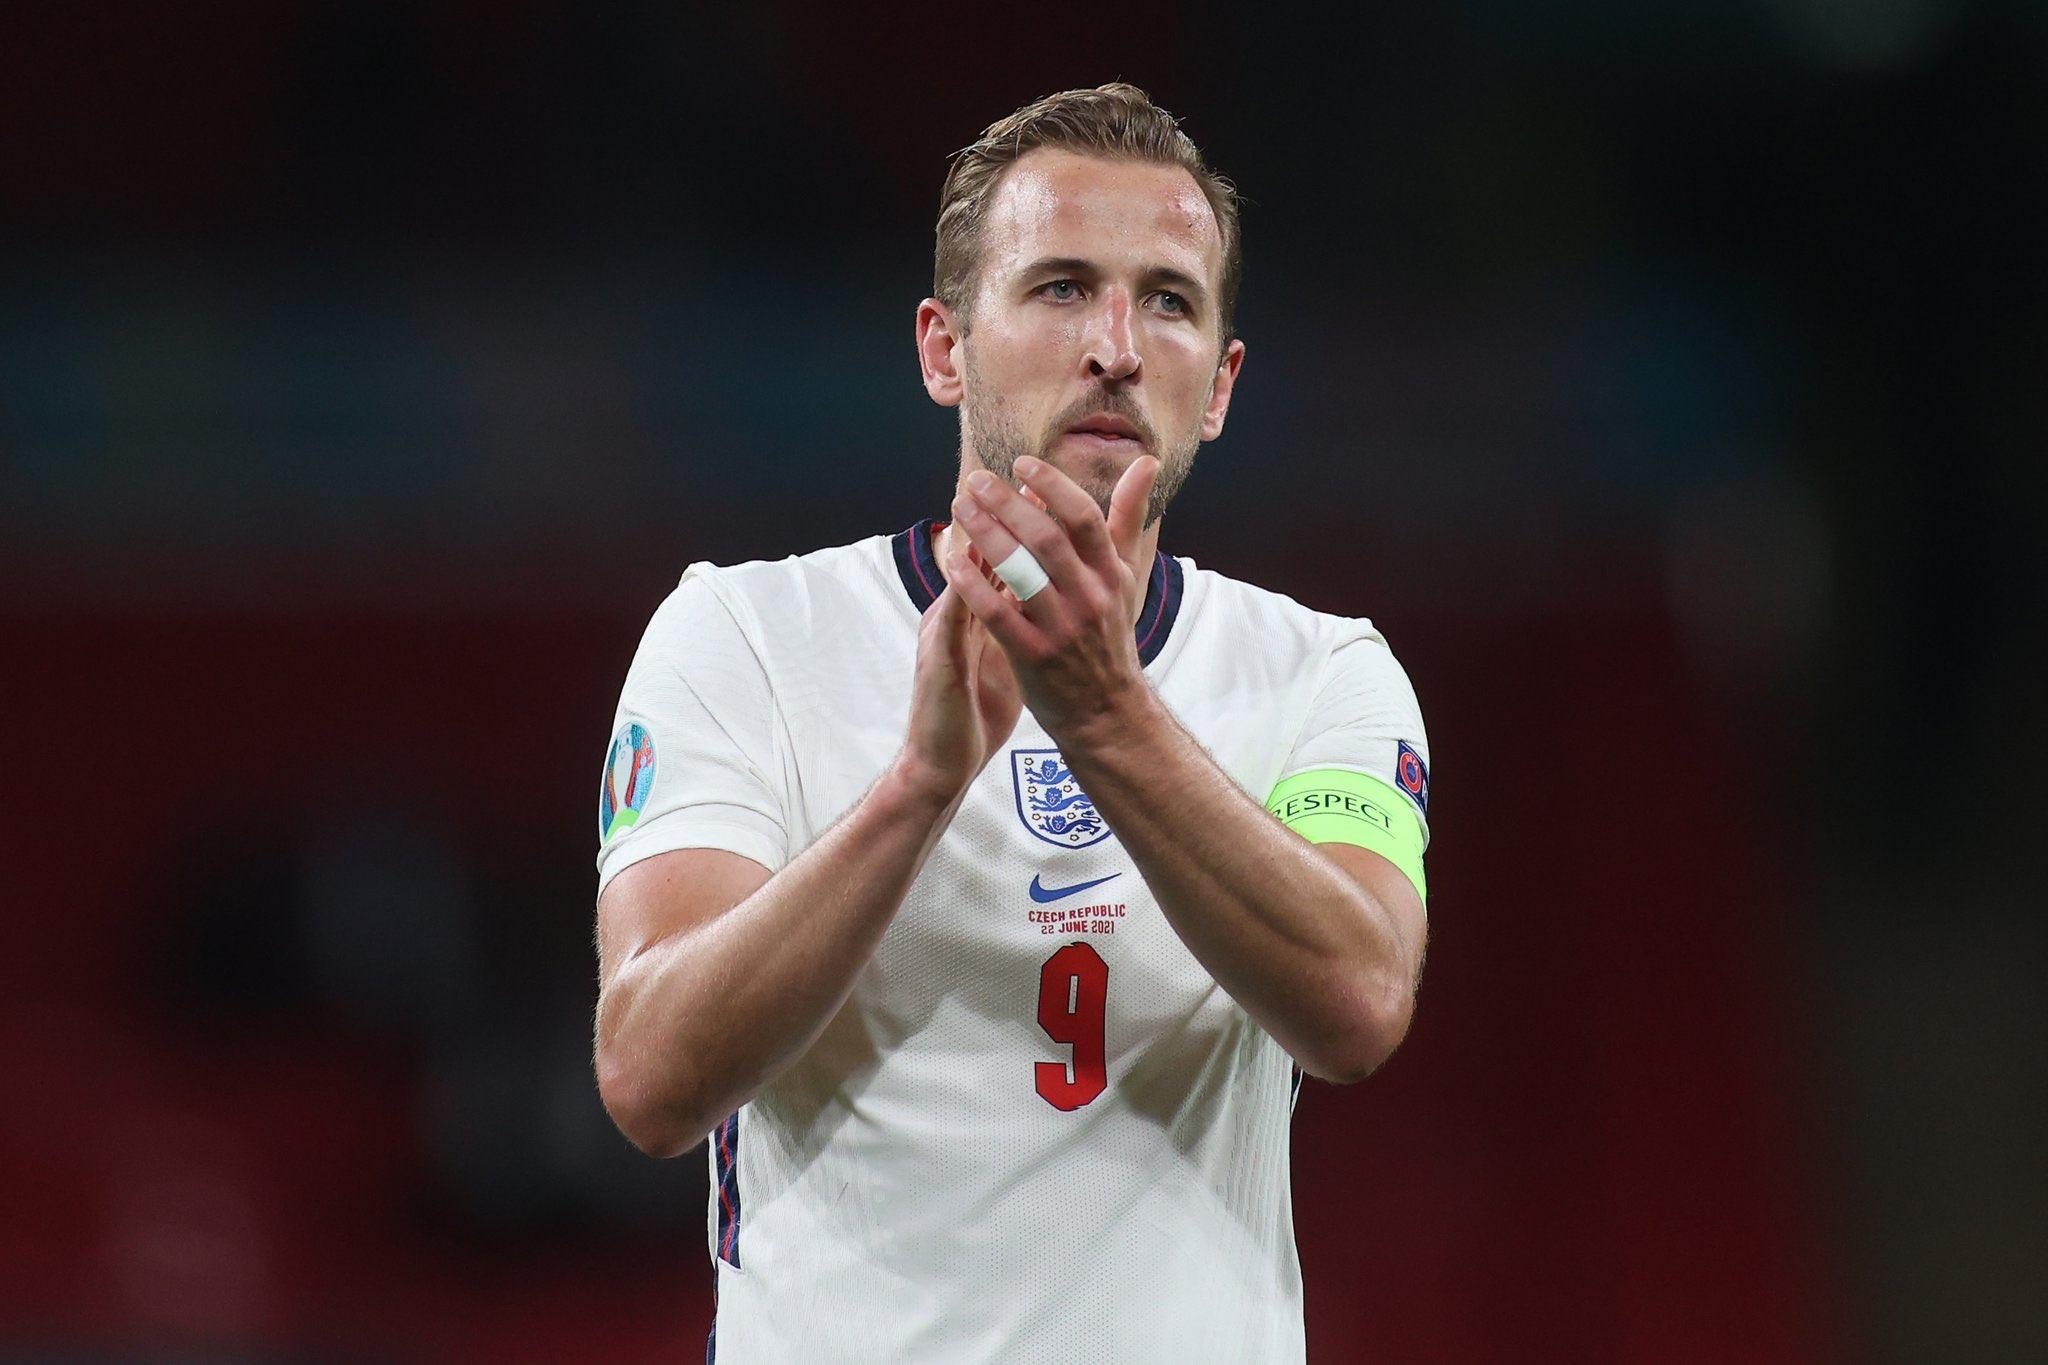 هاري كين يعلق على فوز إنجلترا على ألمانيا والتأهل إلى الربع النهائي من اليورو